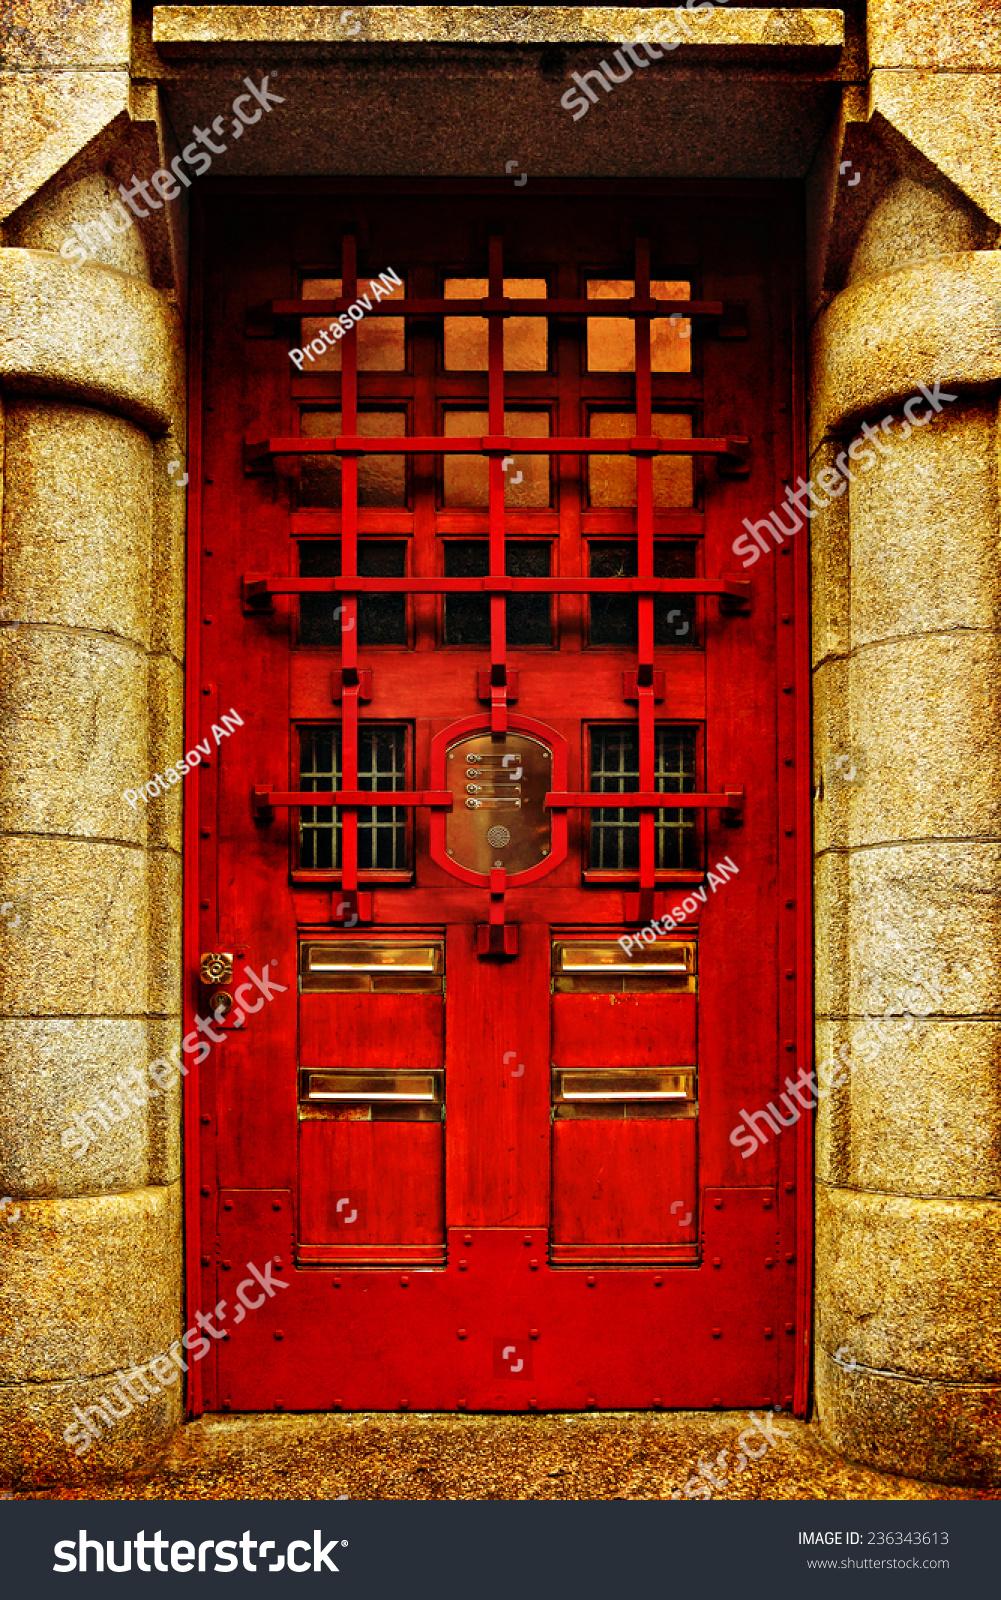 红色木质玻璃门的红砖古典建筑,欧洲.建筑的主题.复古